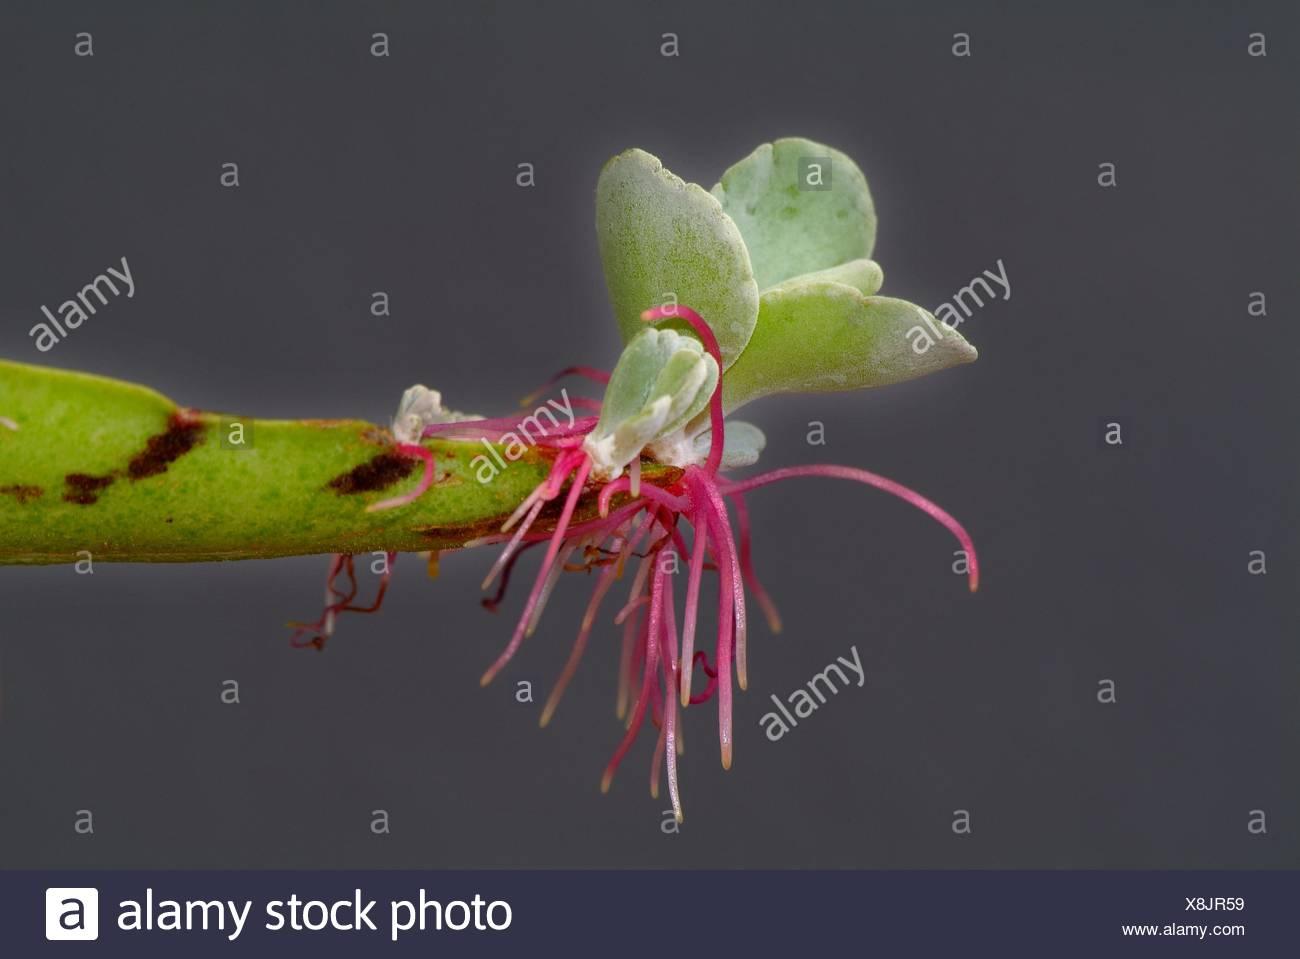 Penicillium roqueforti asexual reproduction